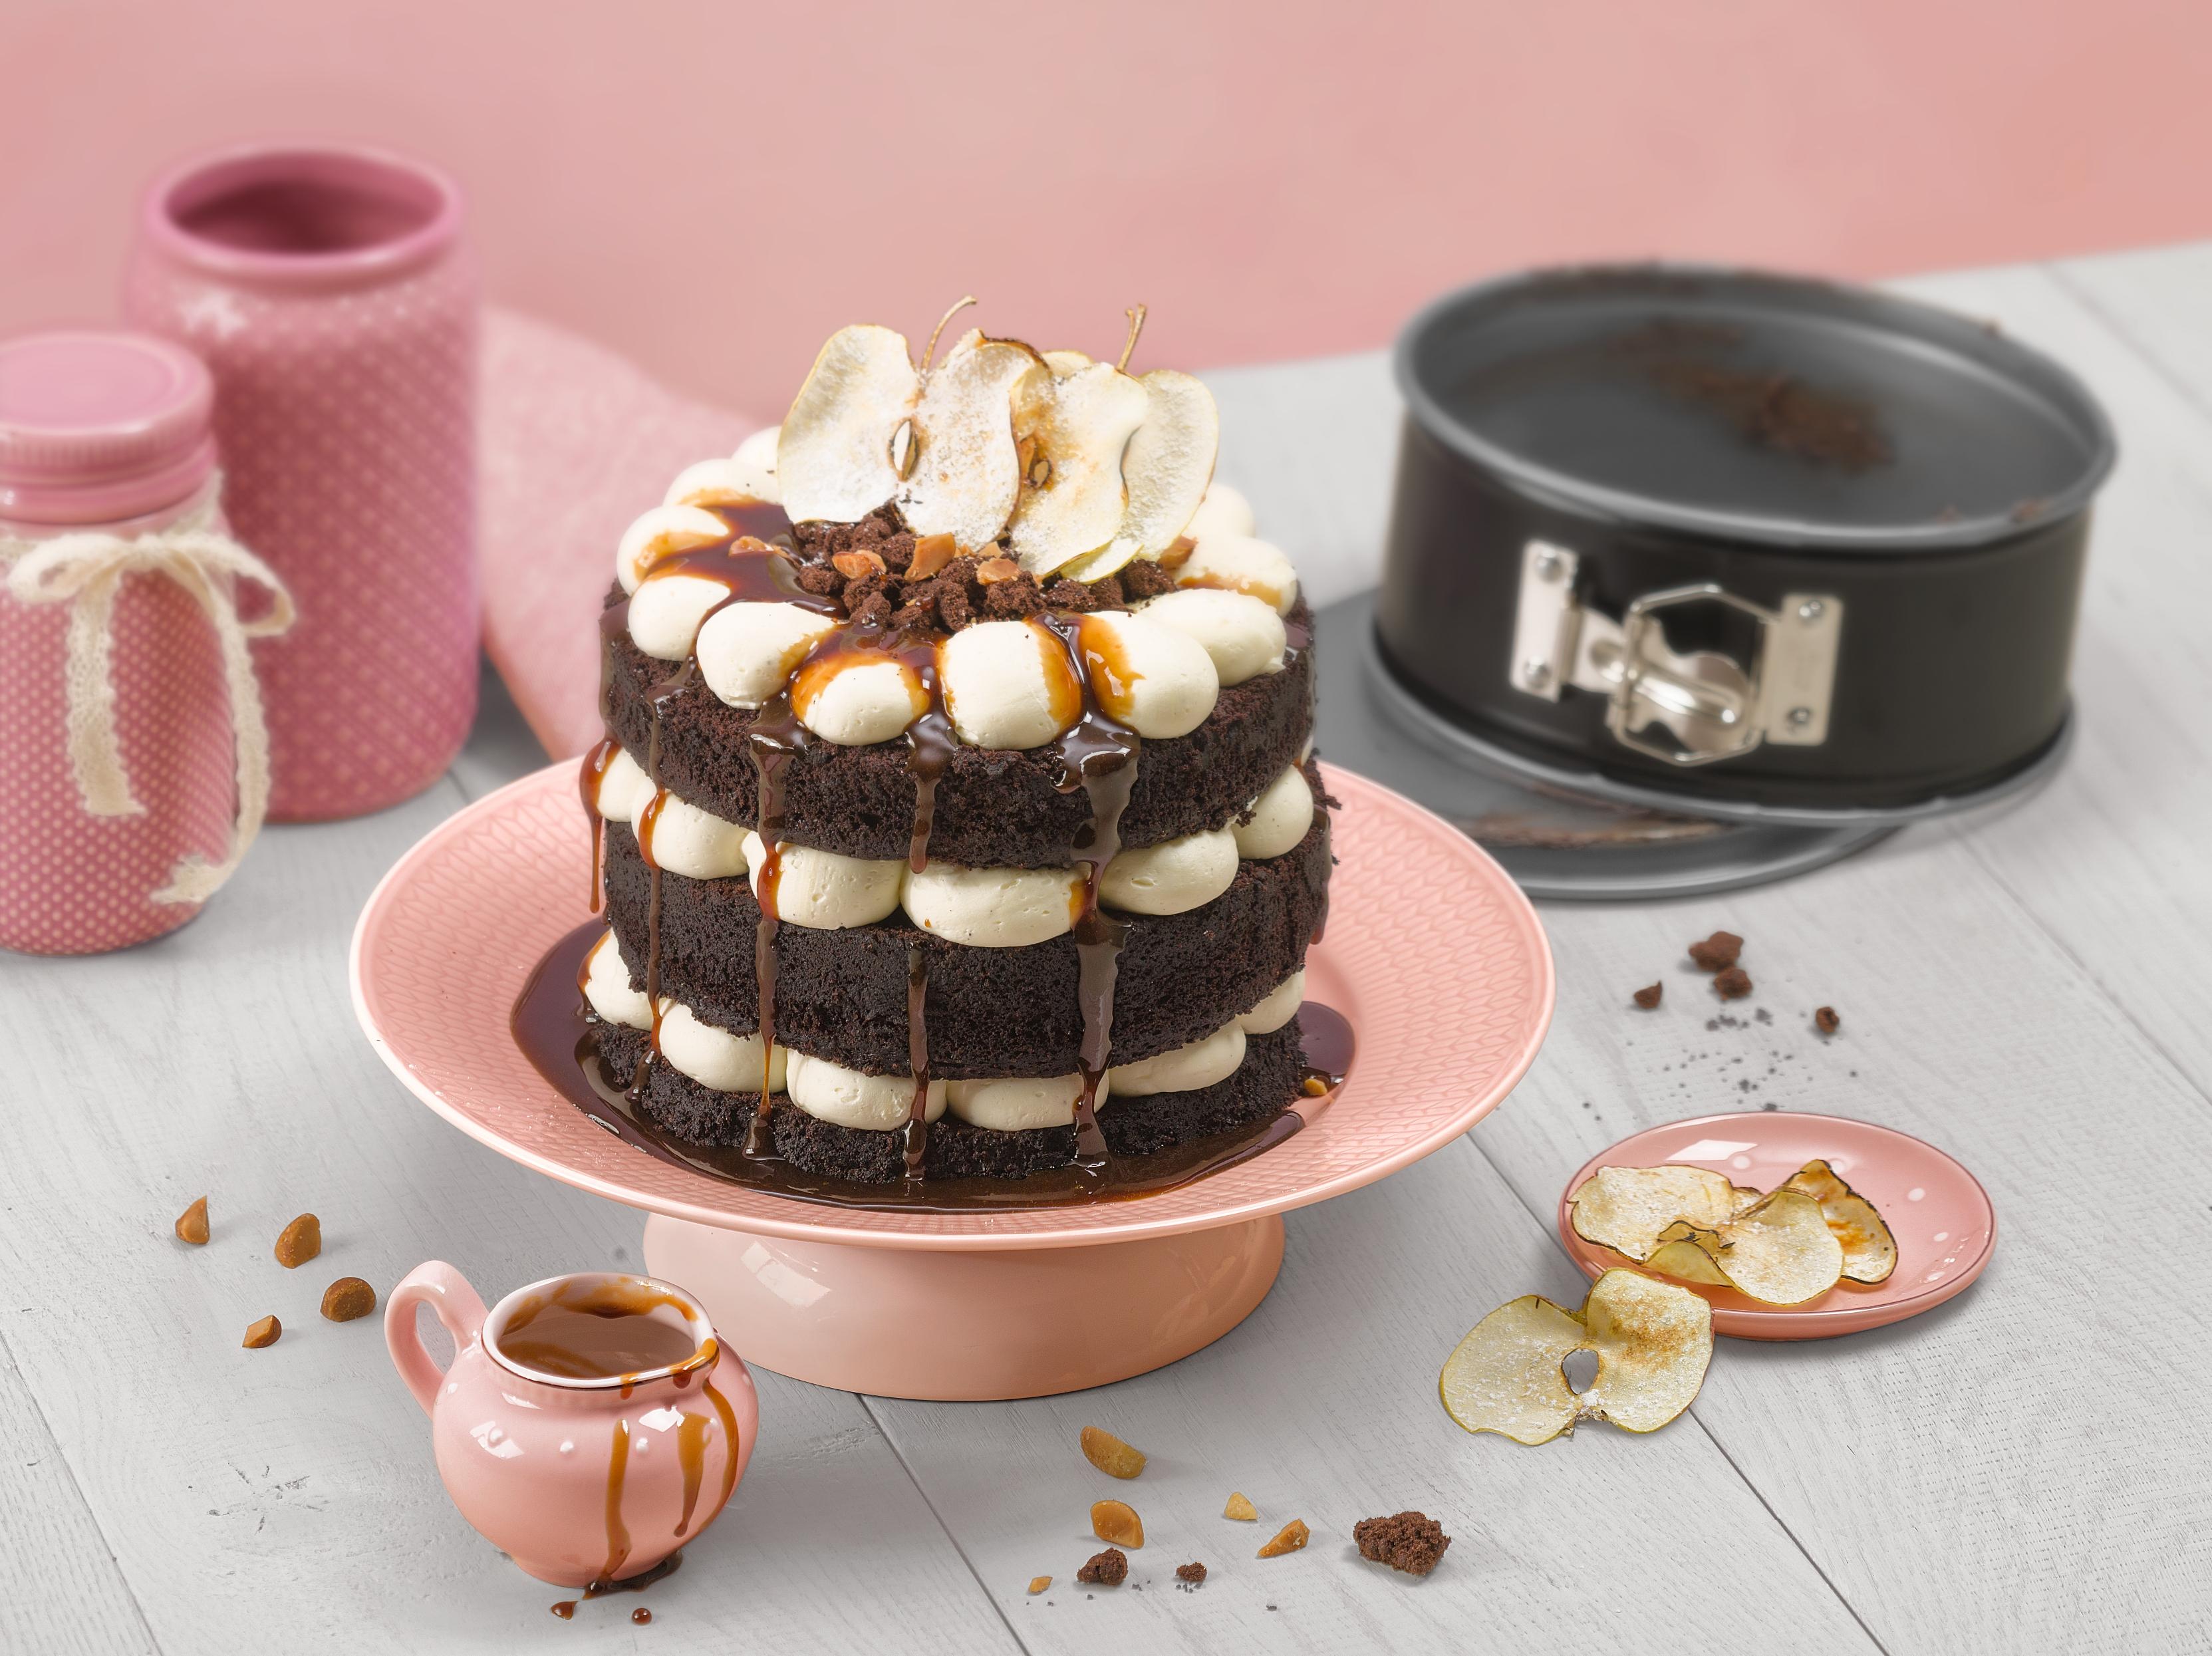 Kaiser Inspiration Kelepçeli Yuvarlak Mini 18cm Kek Kalıbı: İlham dolu kekler ve pastalar